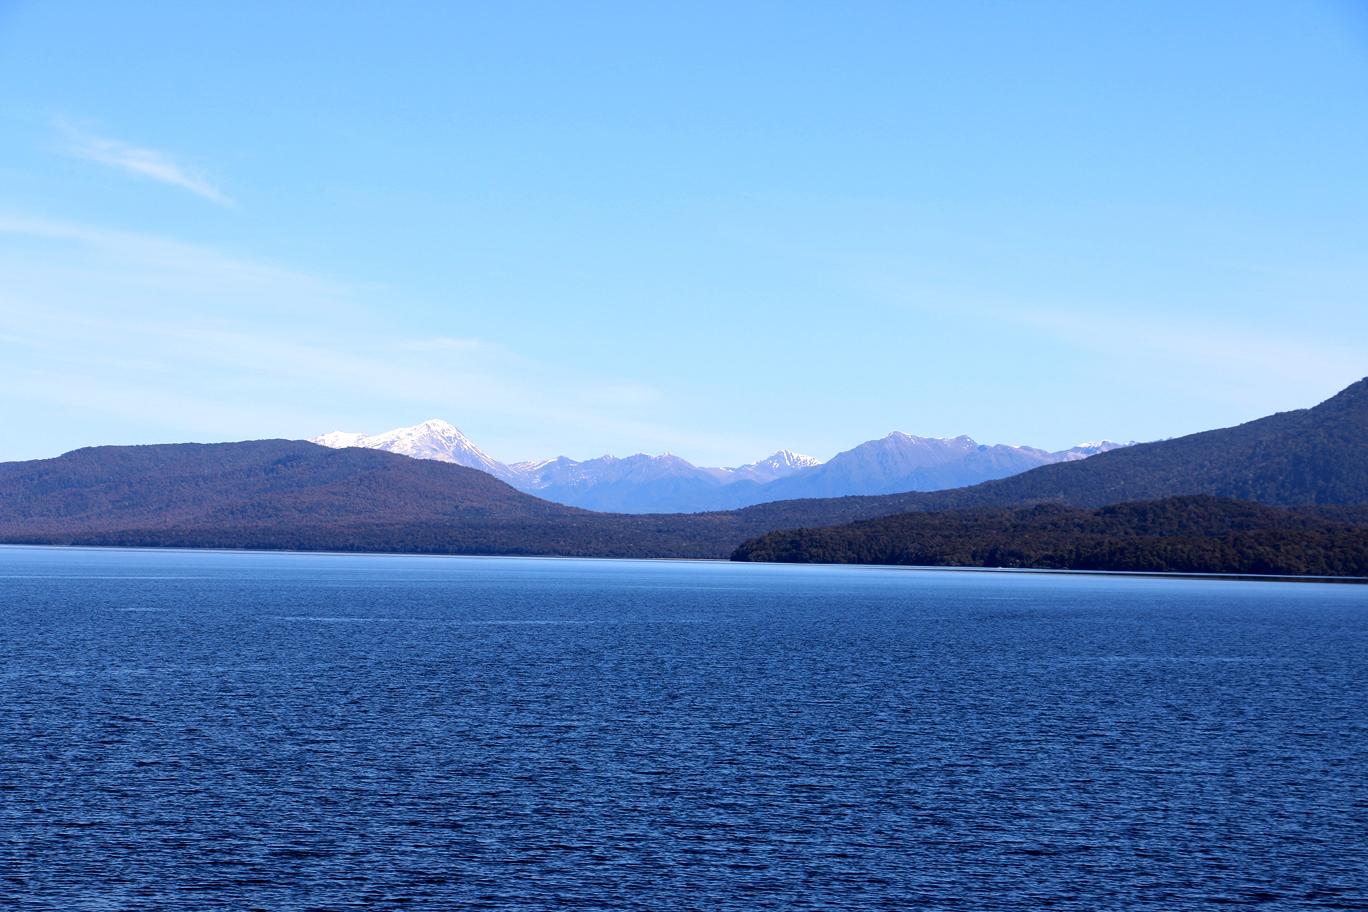 Le lac, mais vu de la rive opposée.